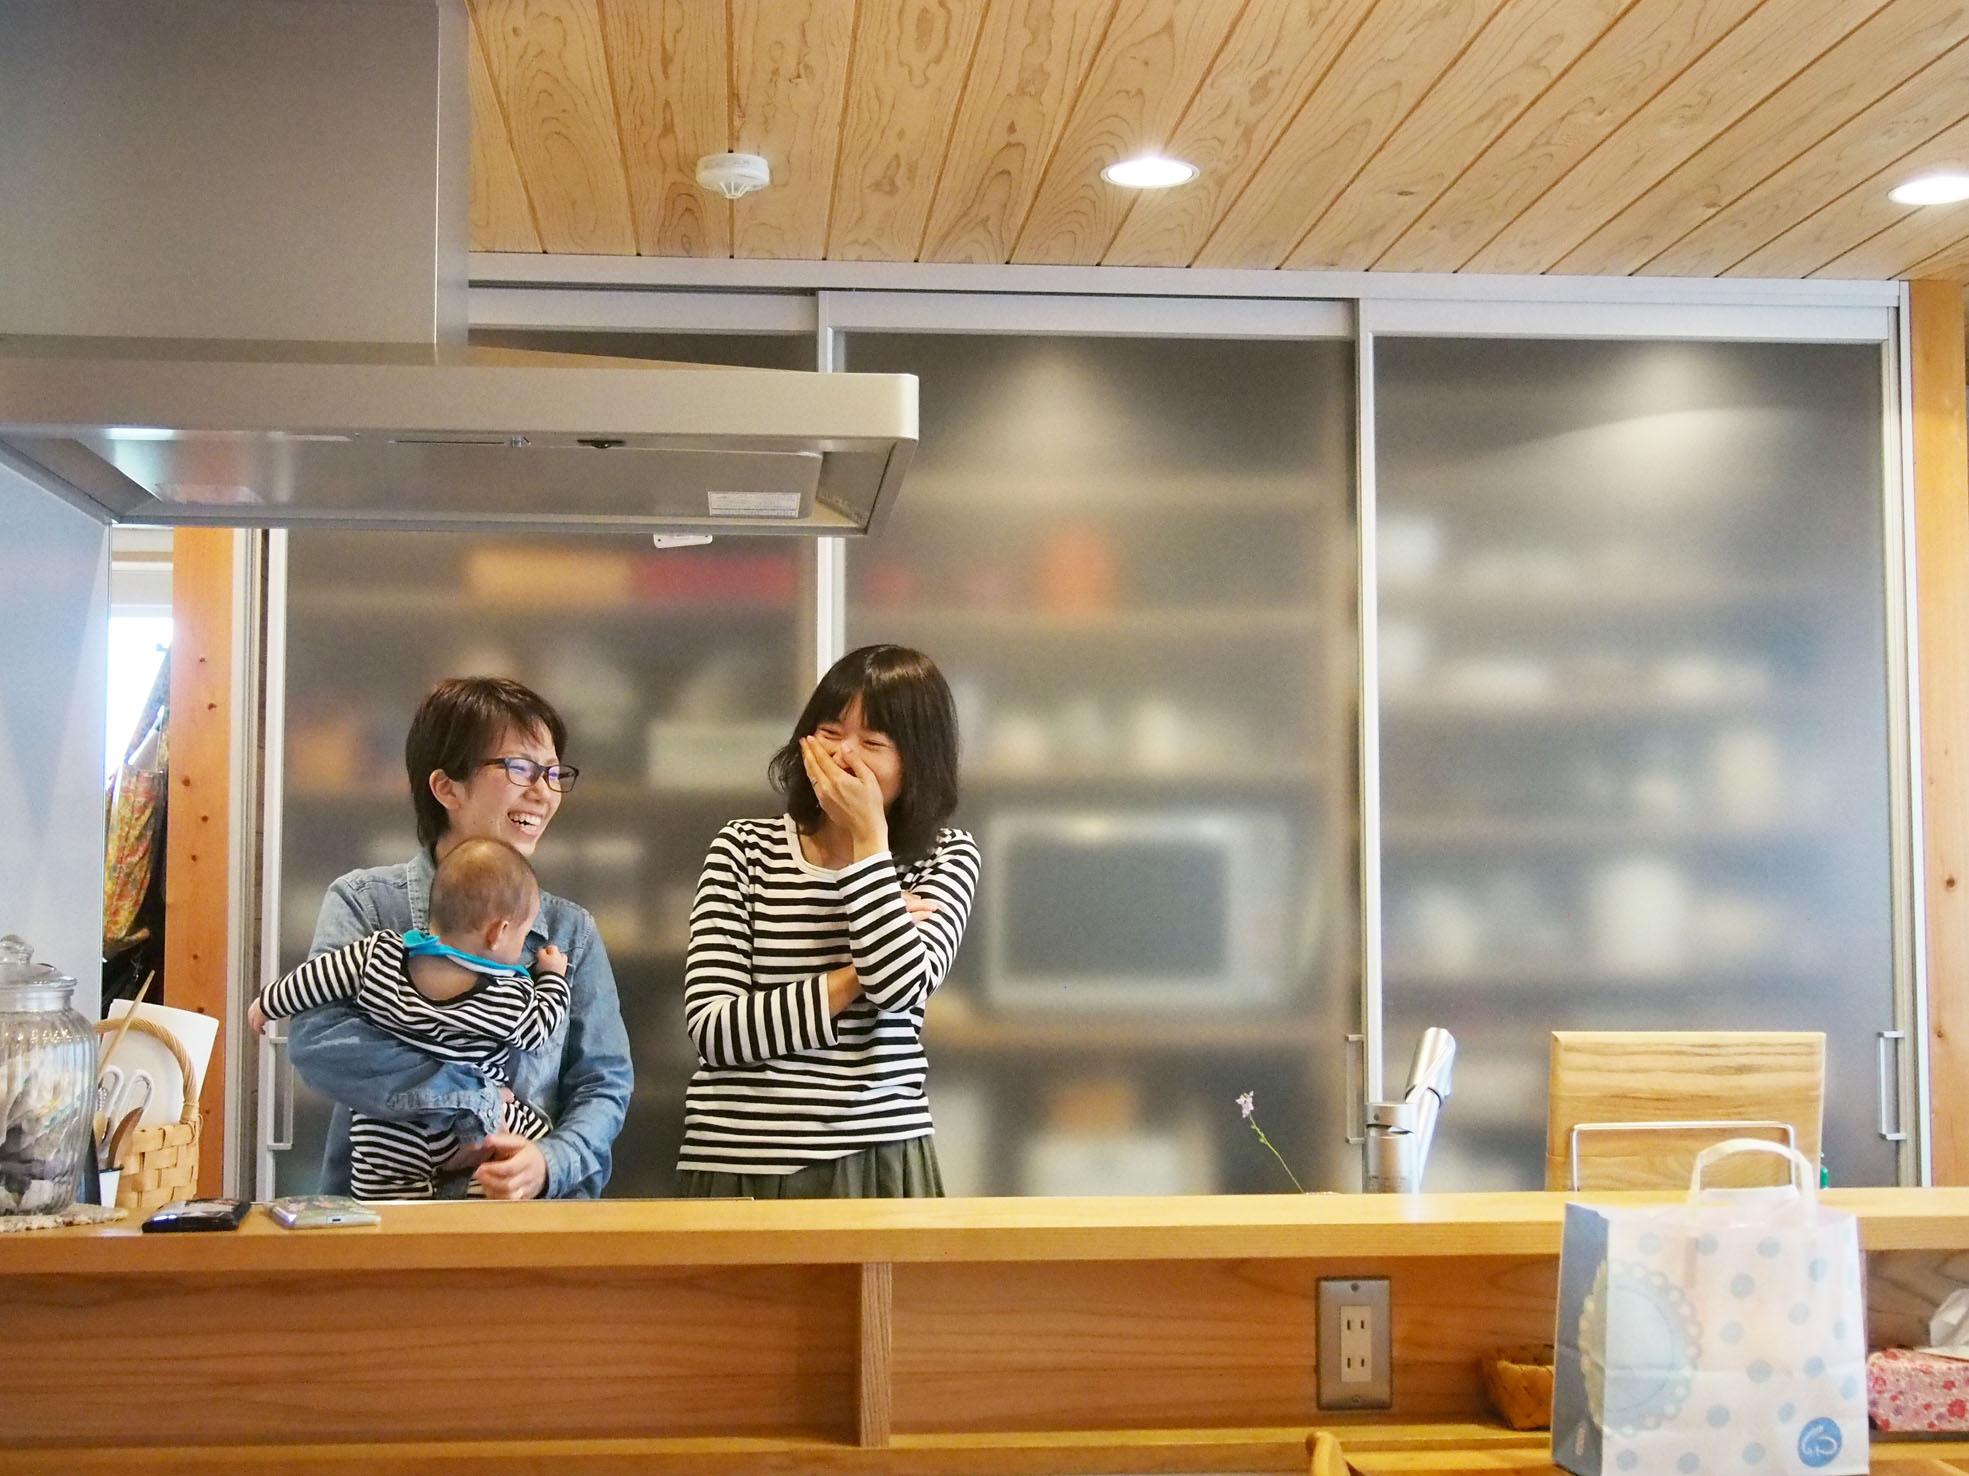 小屋裏エアコンで電気代を3千円浮かすと健康になる?